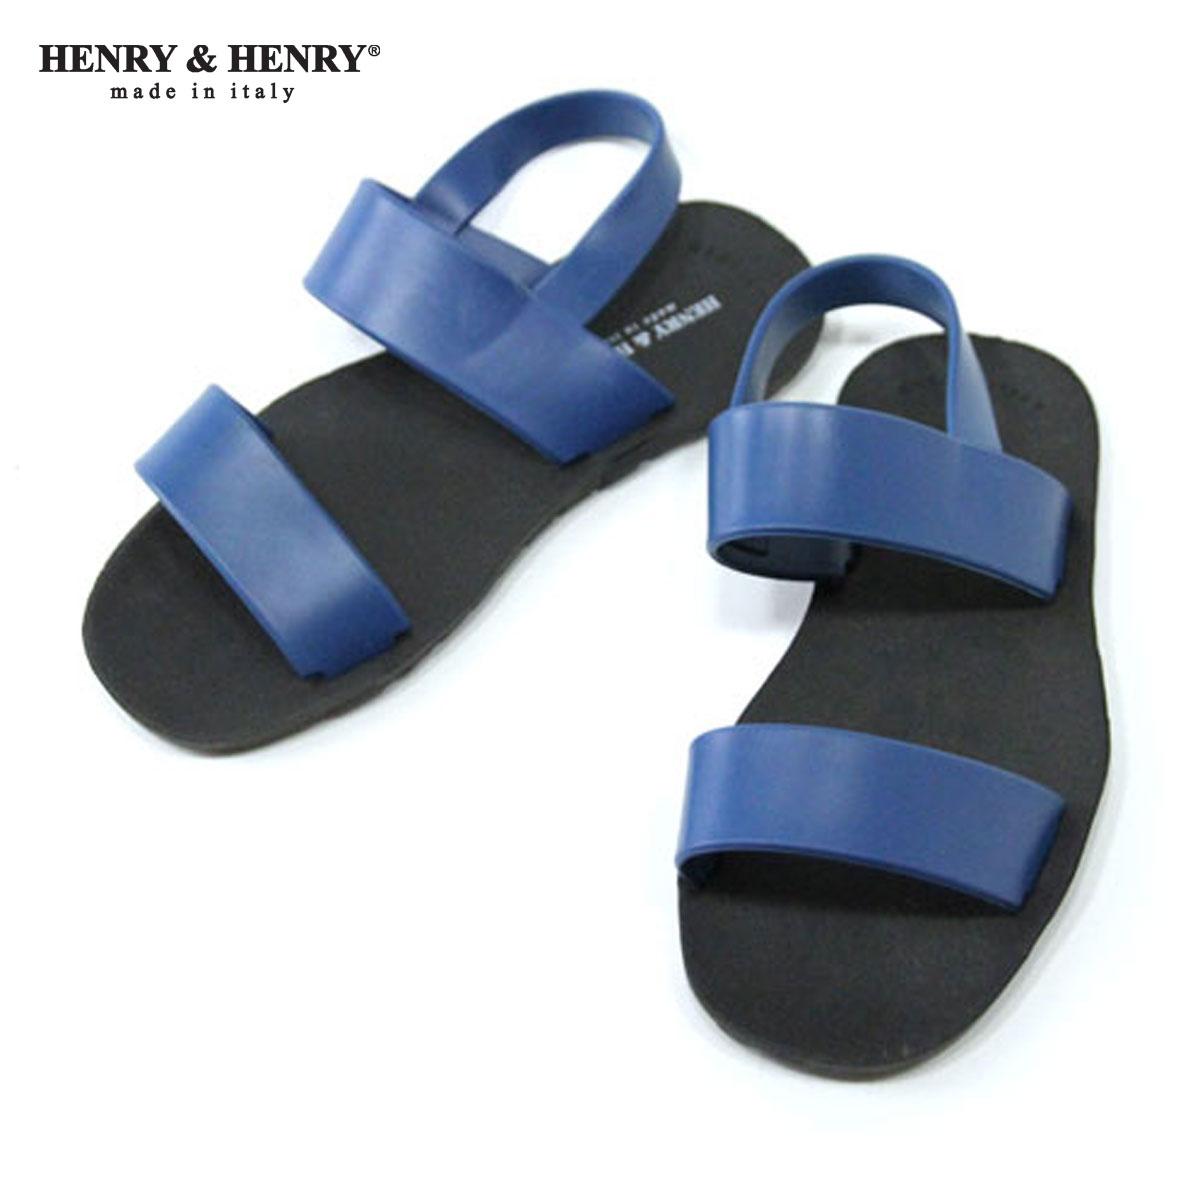 ヘンリーアンドヘンリー HENRY&HENRY 正規販売店 サンダル SUN NERO/PATROL A66B B3C C4D D3E E07F